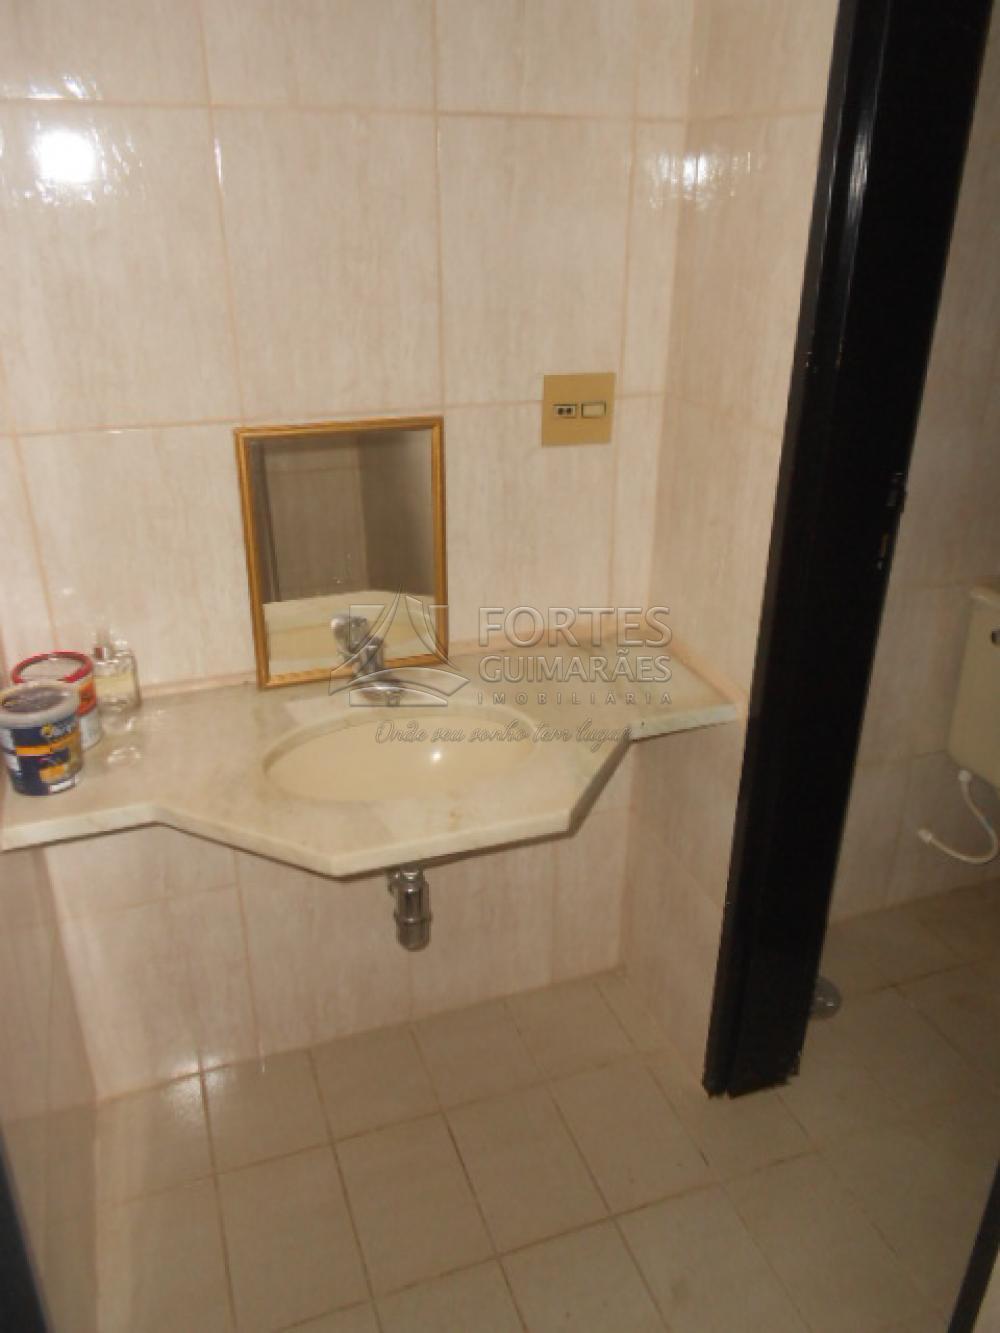 Alugar Comercial / Sala em Ribeirão Preto apenas R$ 750,00 - Foto 13